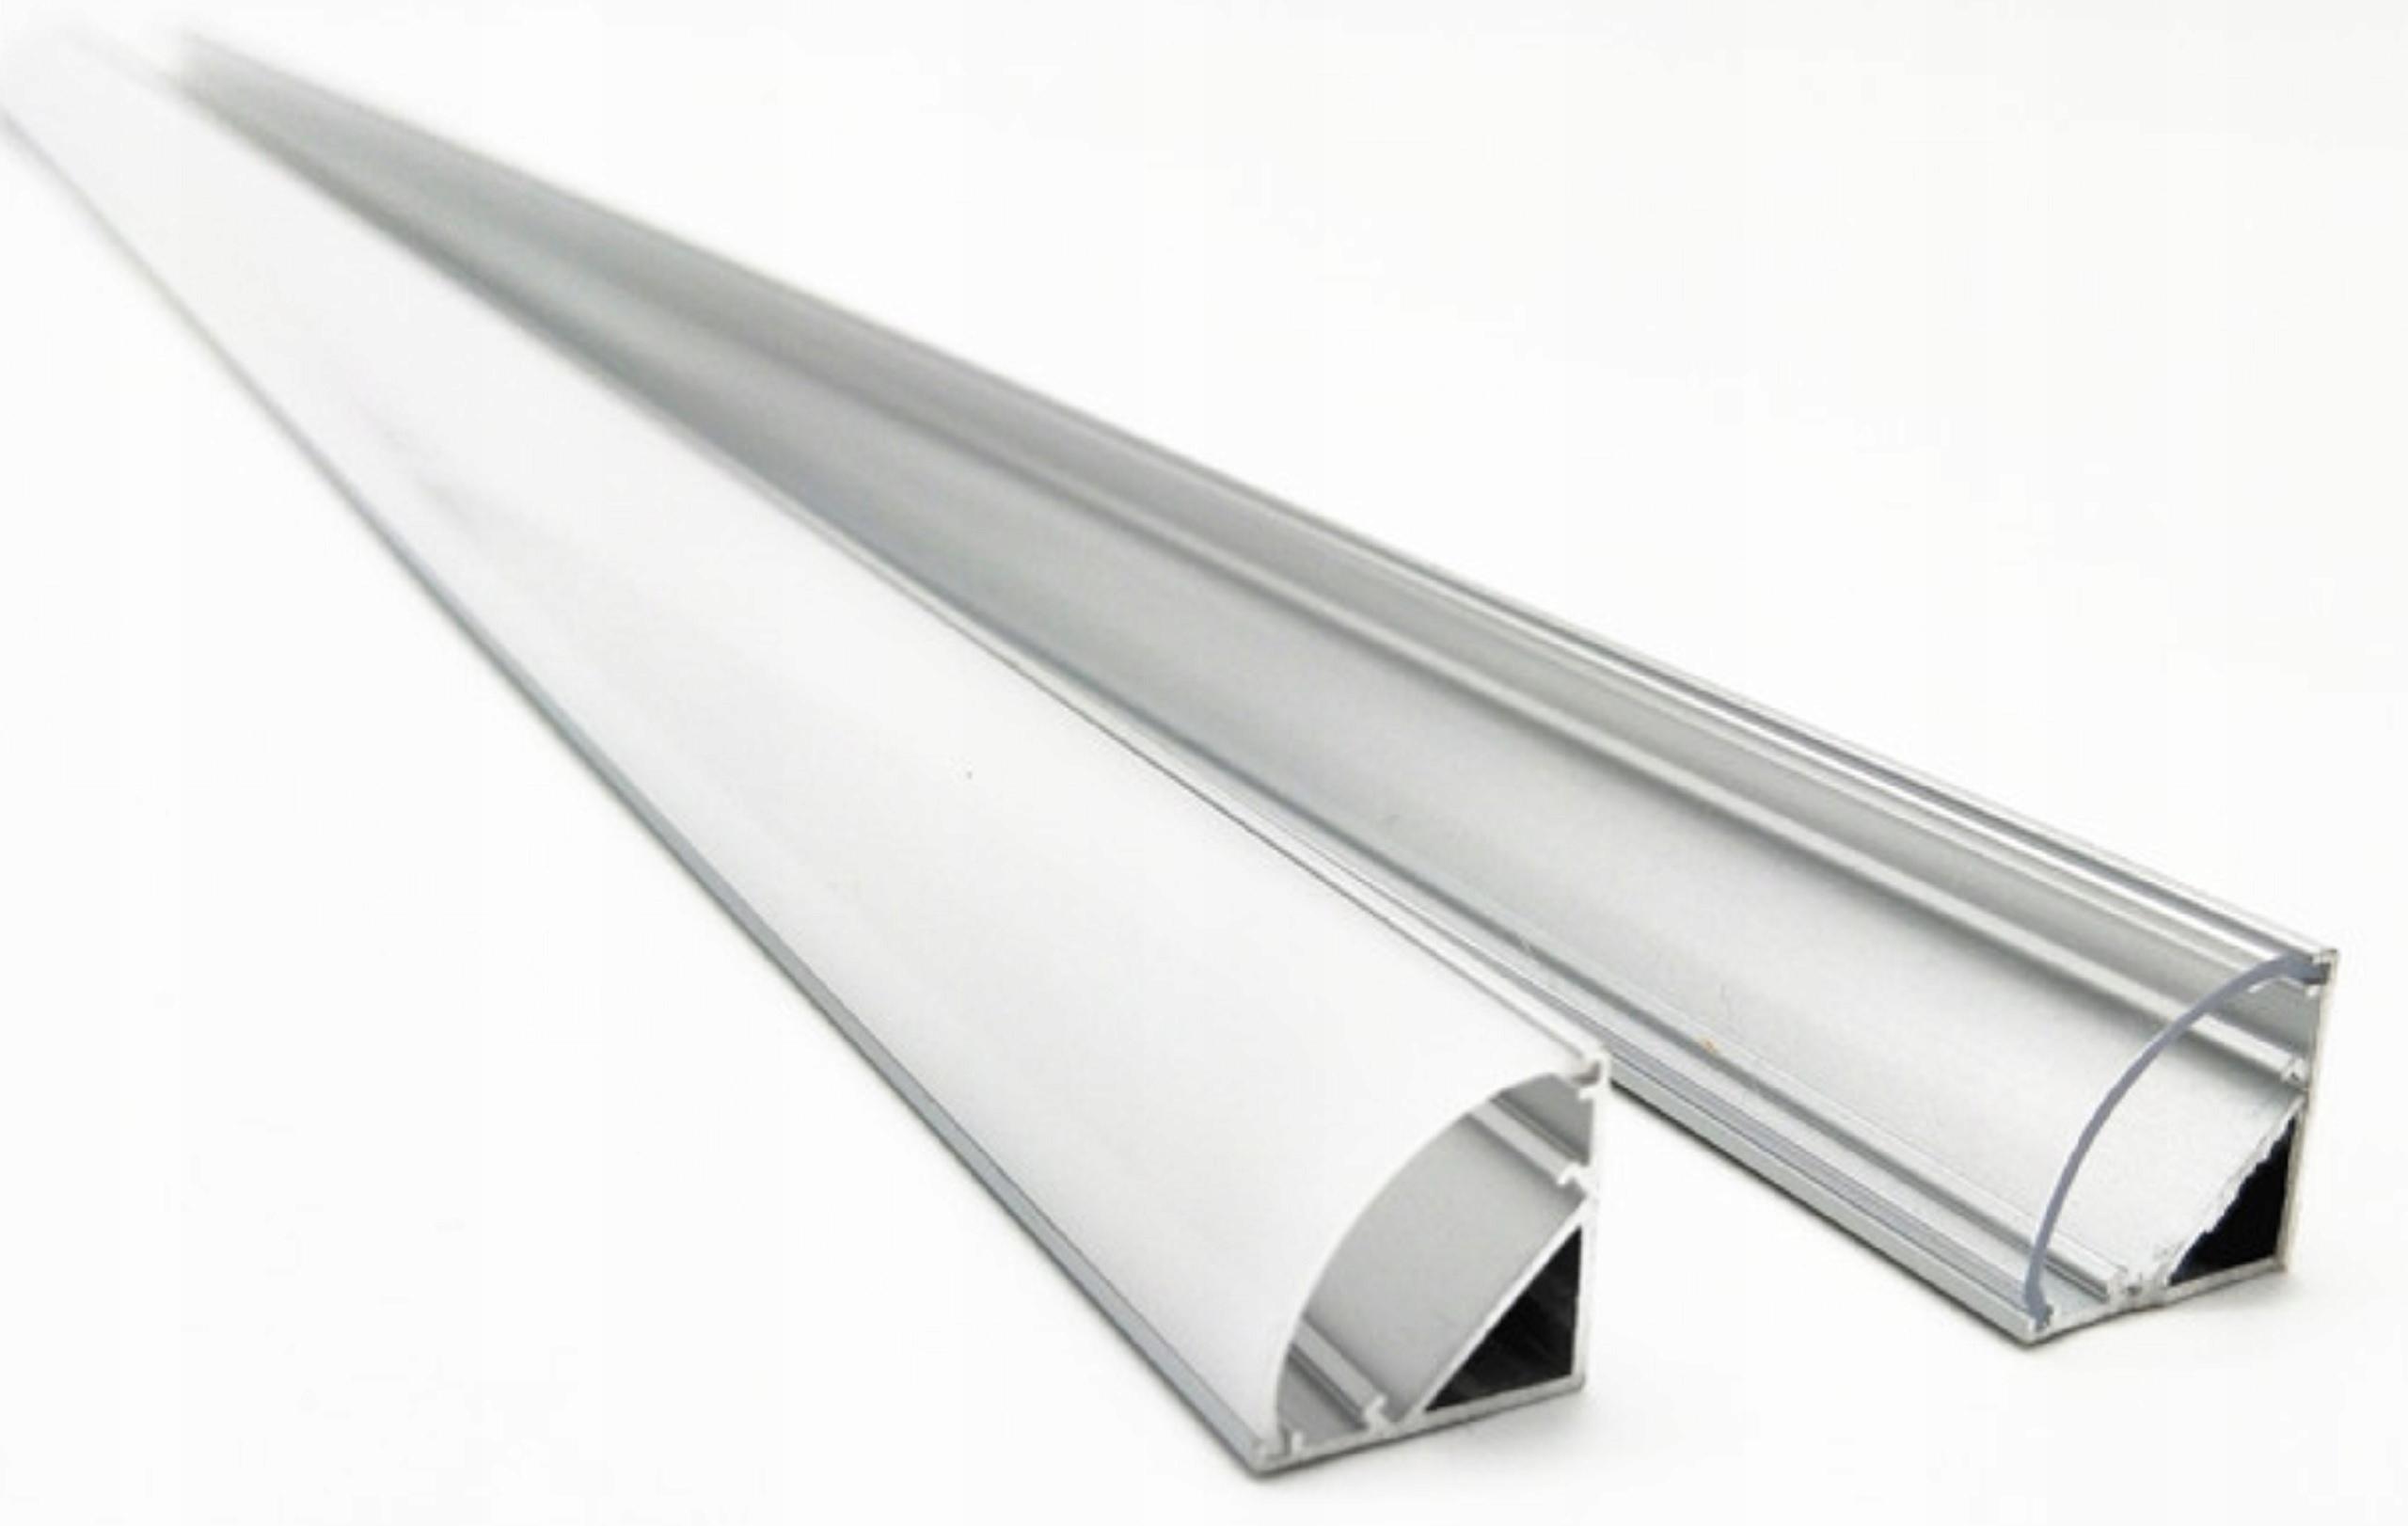 ПРОФИЛЬ для ленты LED Угловой угловой alu 2m + быстрая